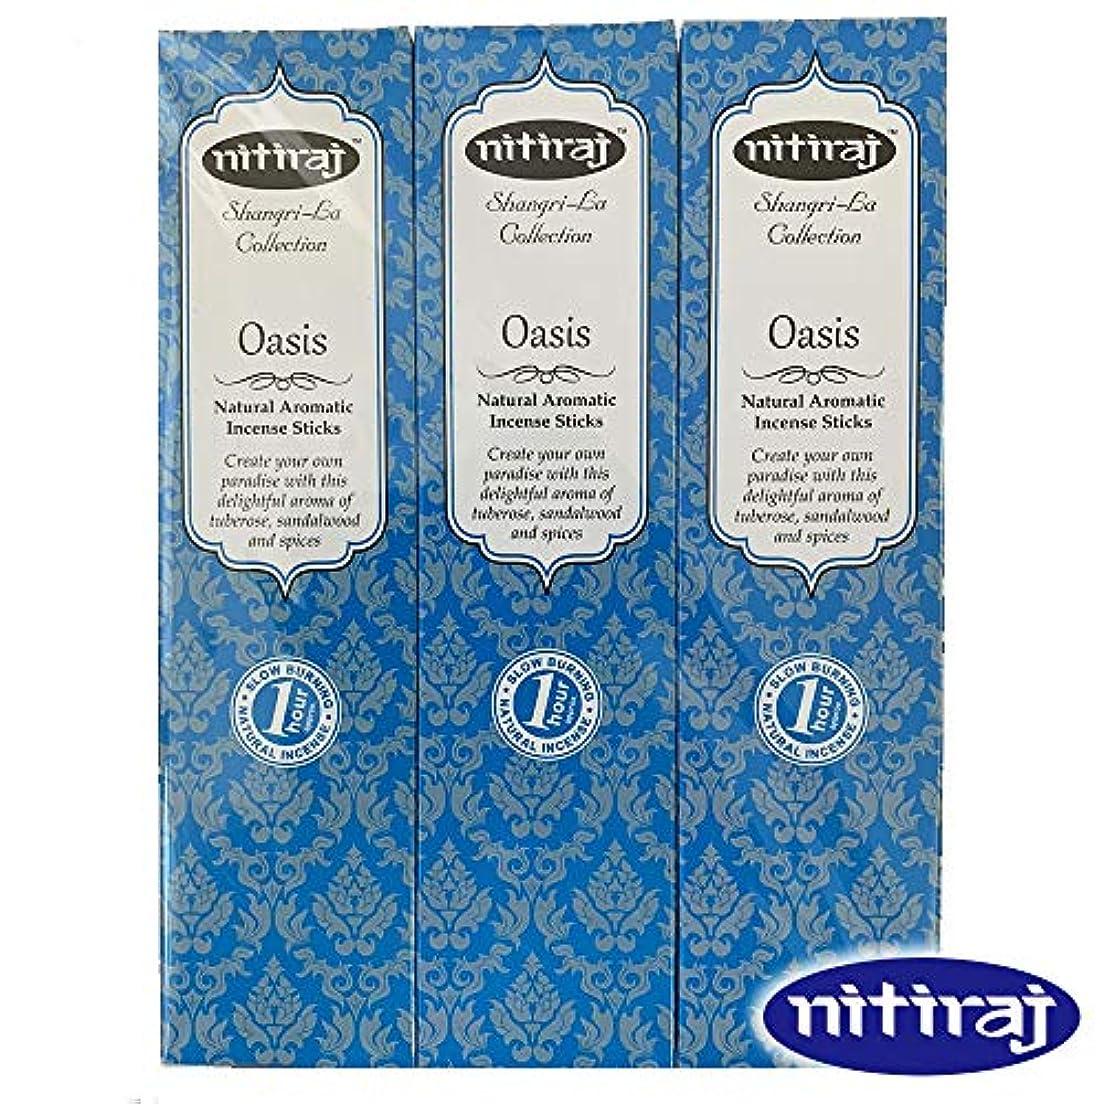 保険キャロライン数学的なお香 アロマインセンス Nitiraj(ニティラジ)Oasis(オアシス) 3箱セット(30本/1箱10本入り)100%天然素材